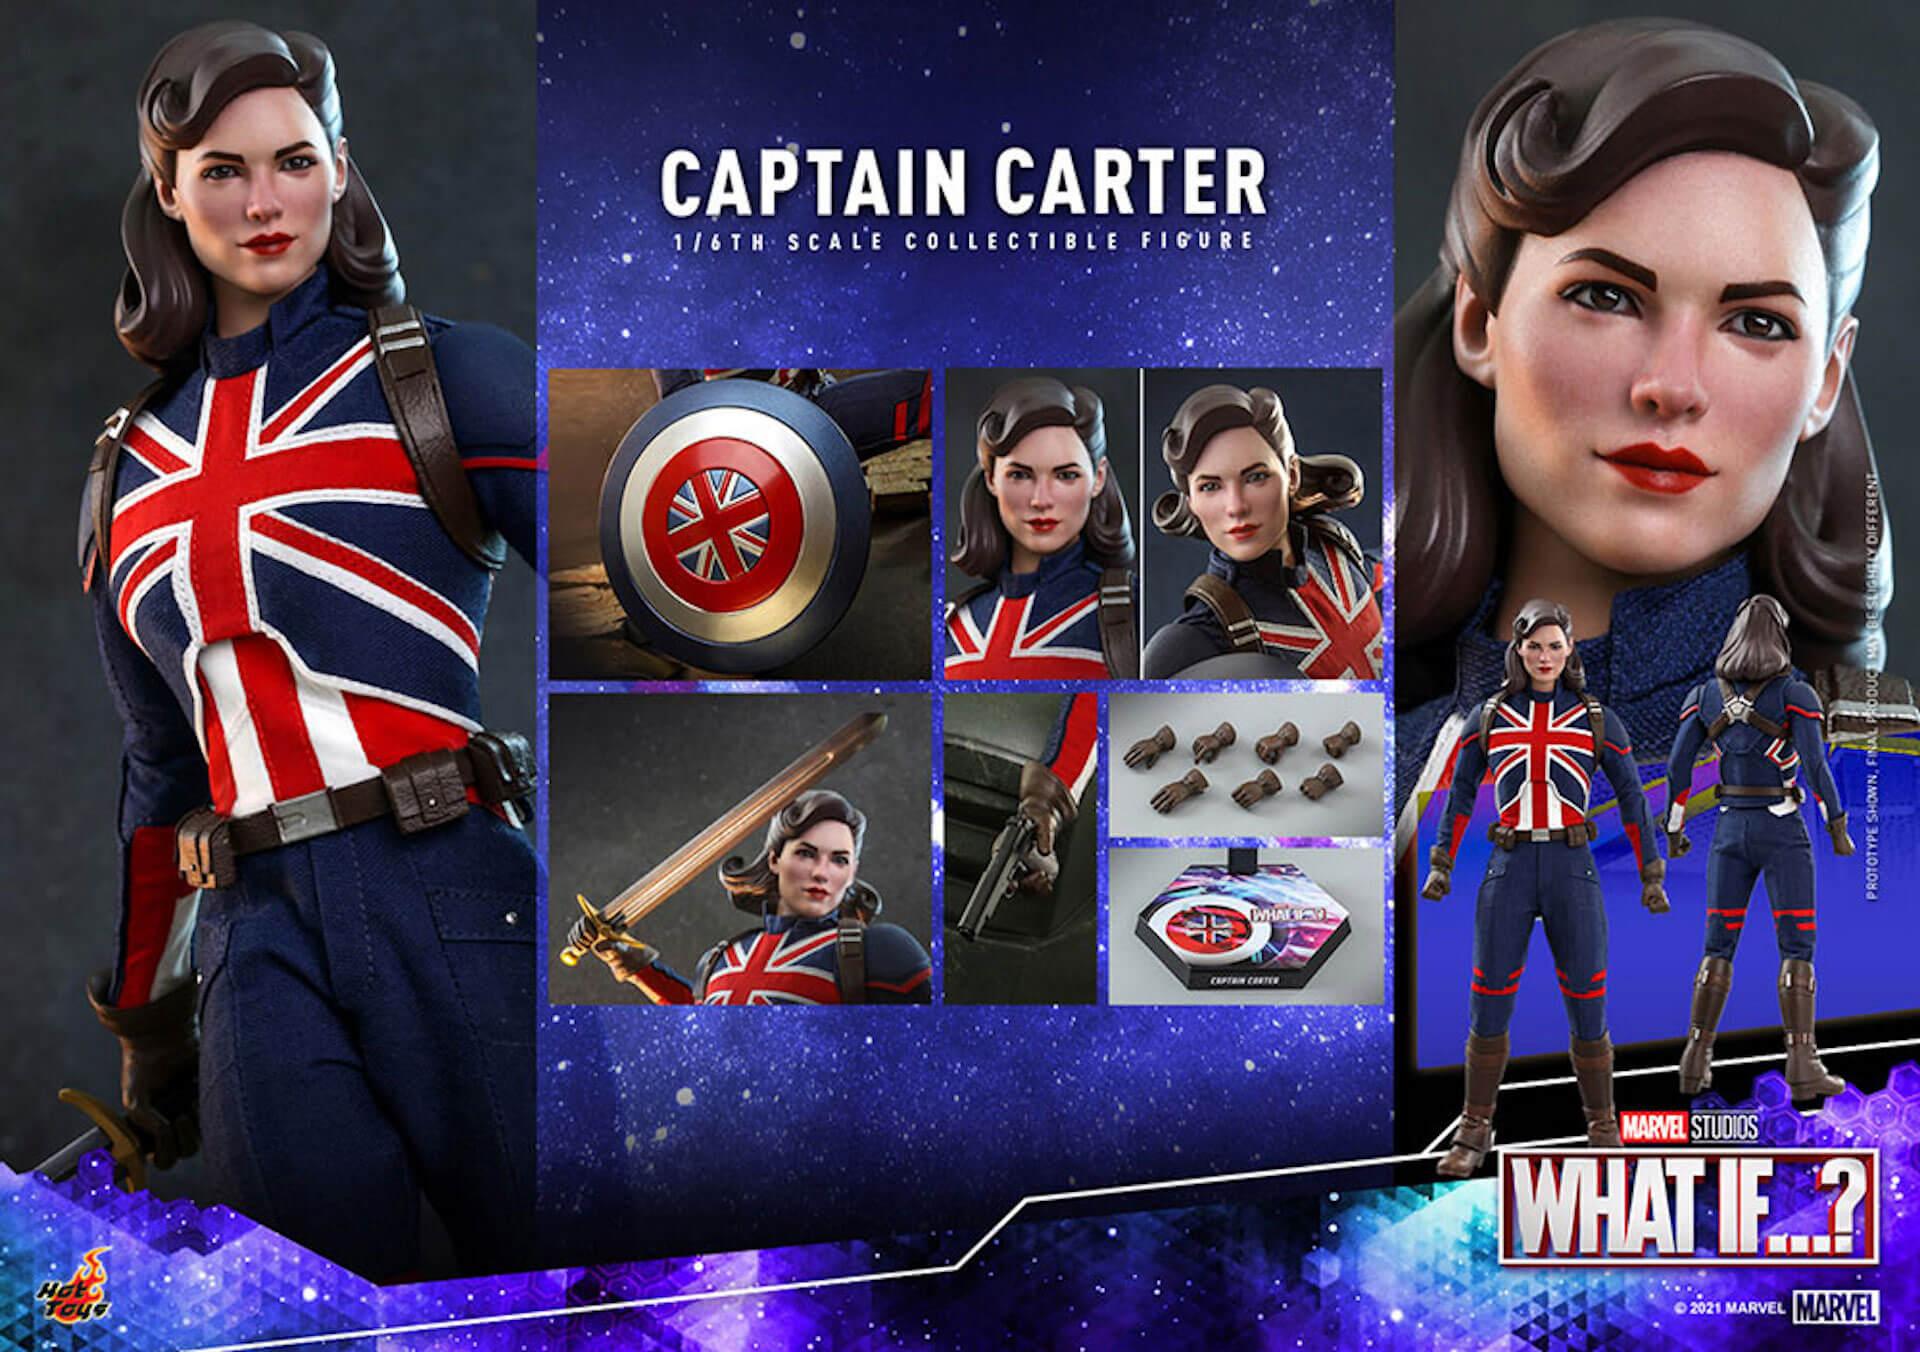 もしもの世界のヒーローがフィギュアに!マーベル・スタジオ『ホワット・イフ...?』のキャプテン・カーターがホットトイズより登場 art210921_captaincarter_hottoys_2